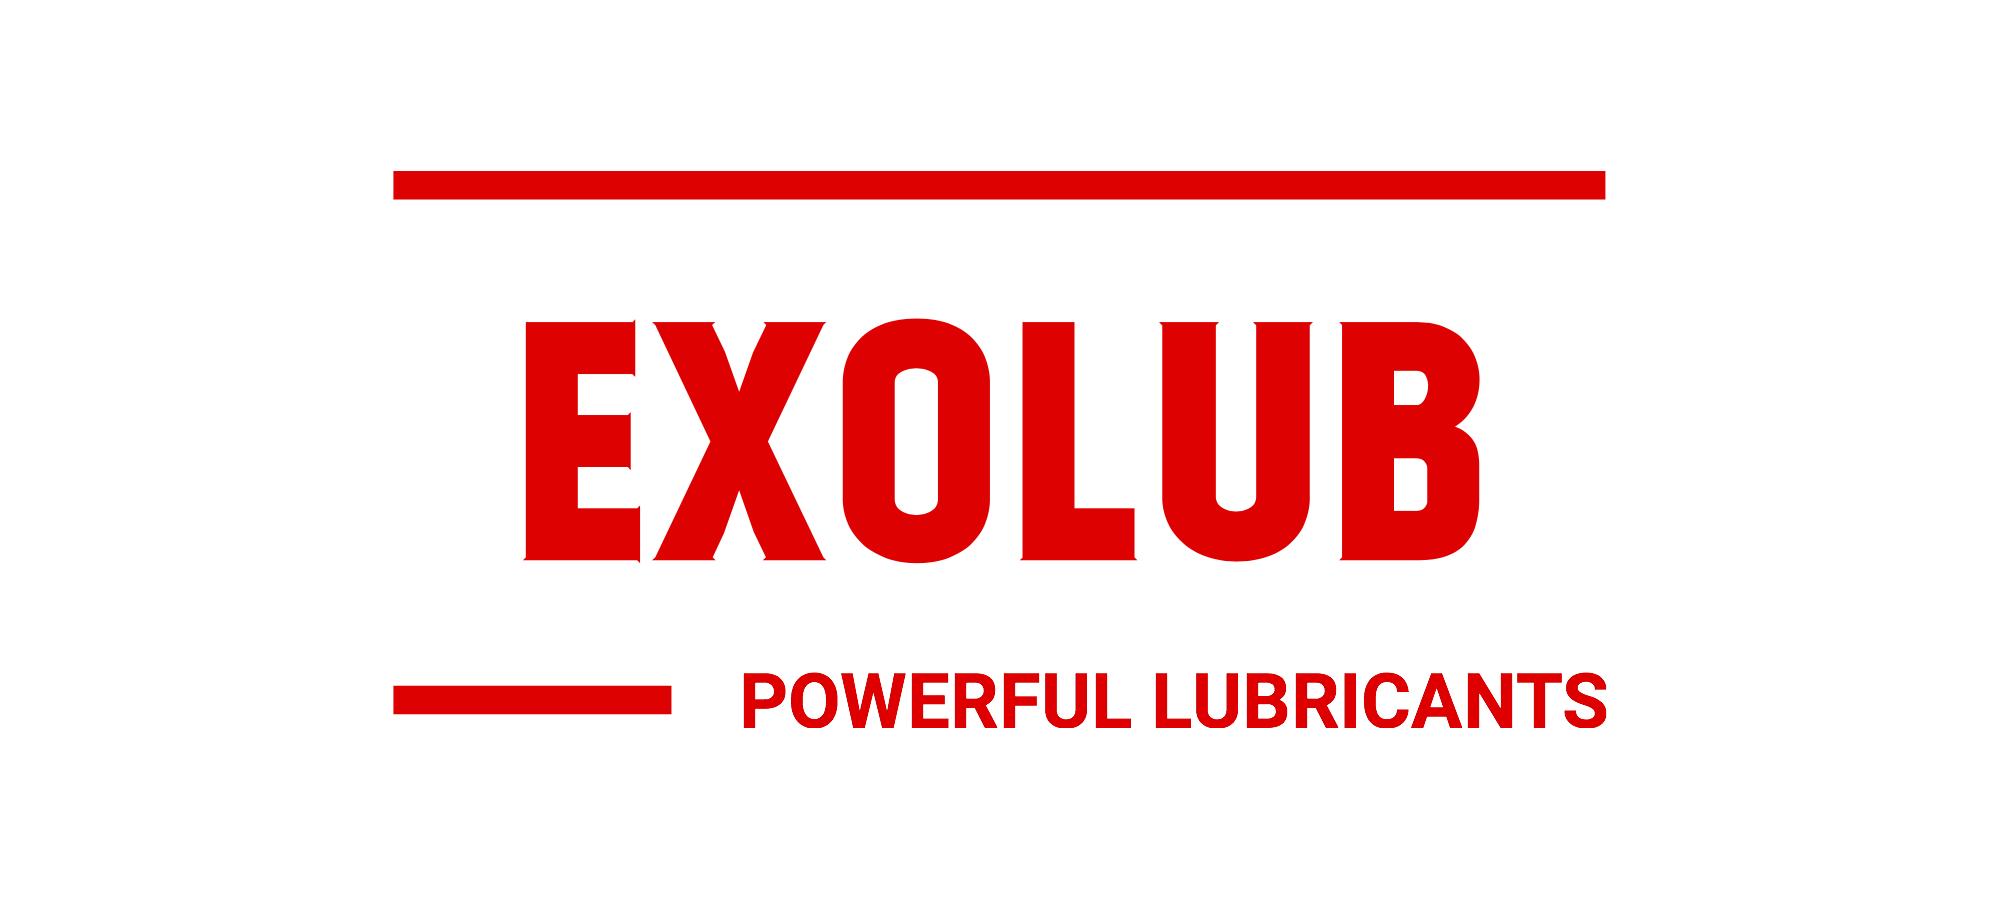 EXOLUB